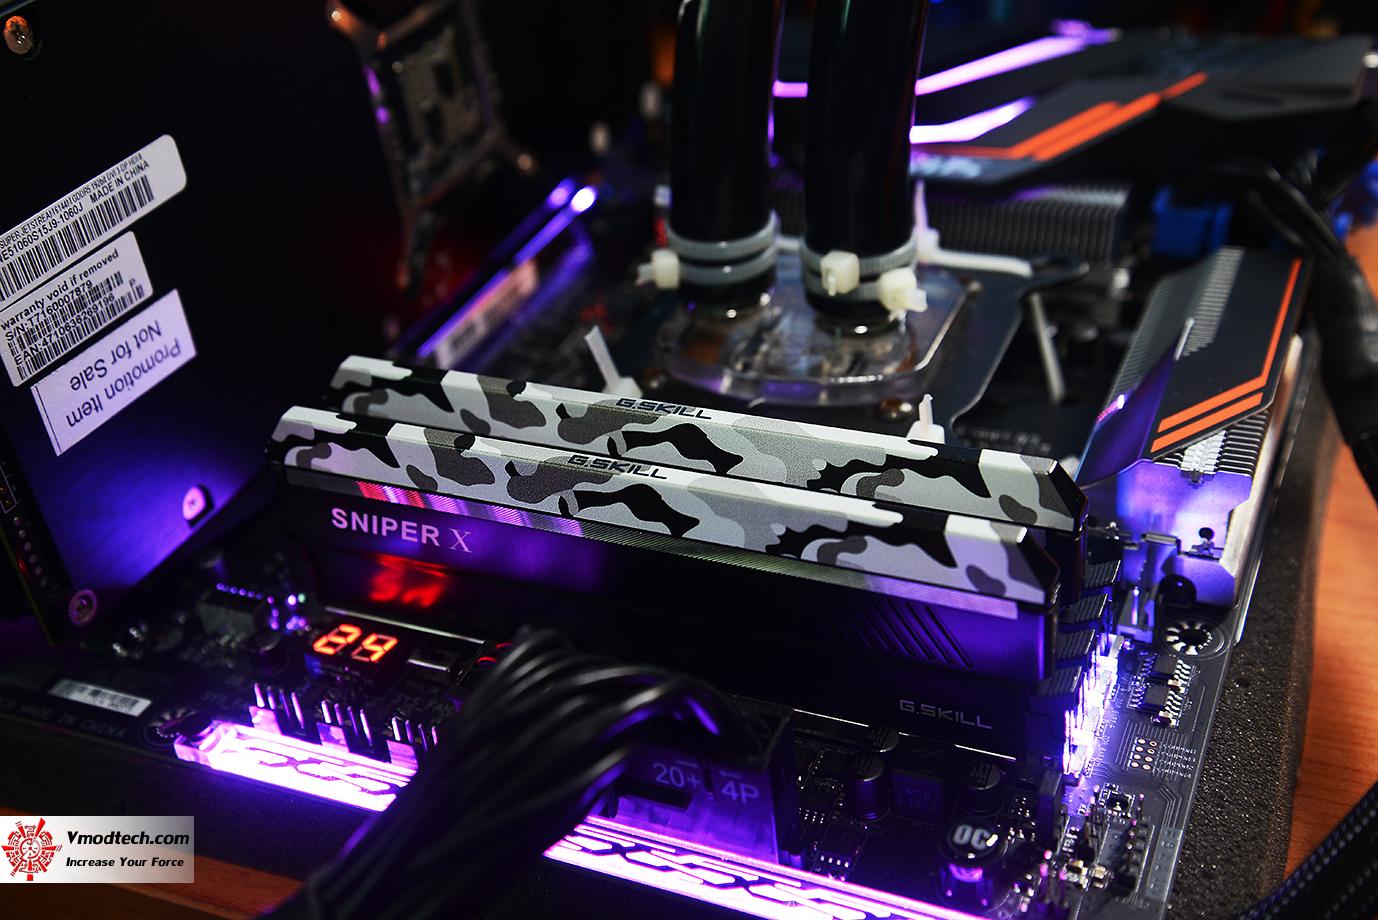 dsc 1610 G.SKILL SNIPER X DDR4 3400Mhz 16GB F4 3400C16D 16GSXW REVIEW